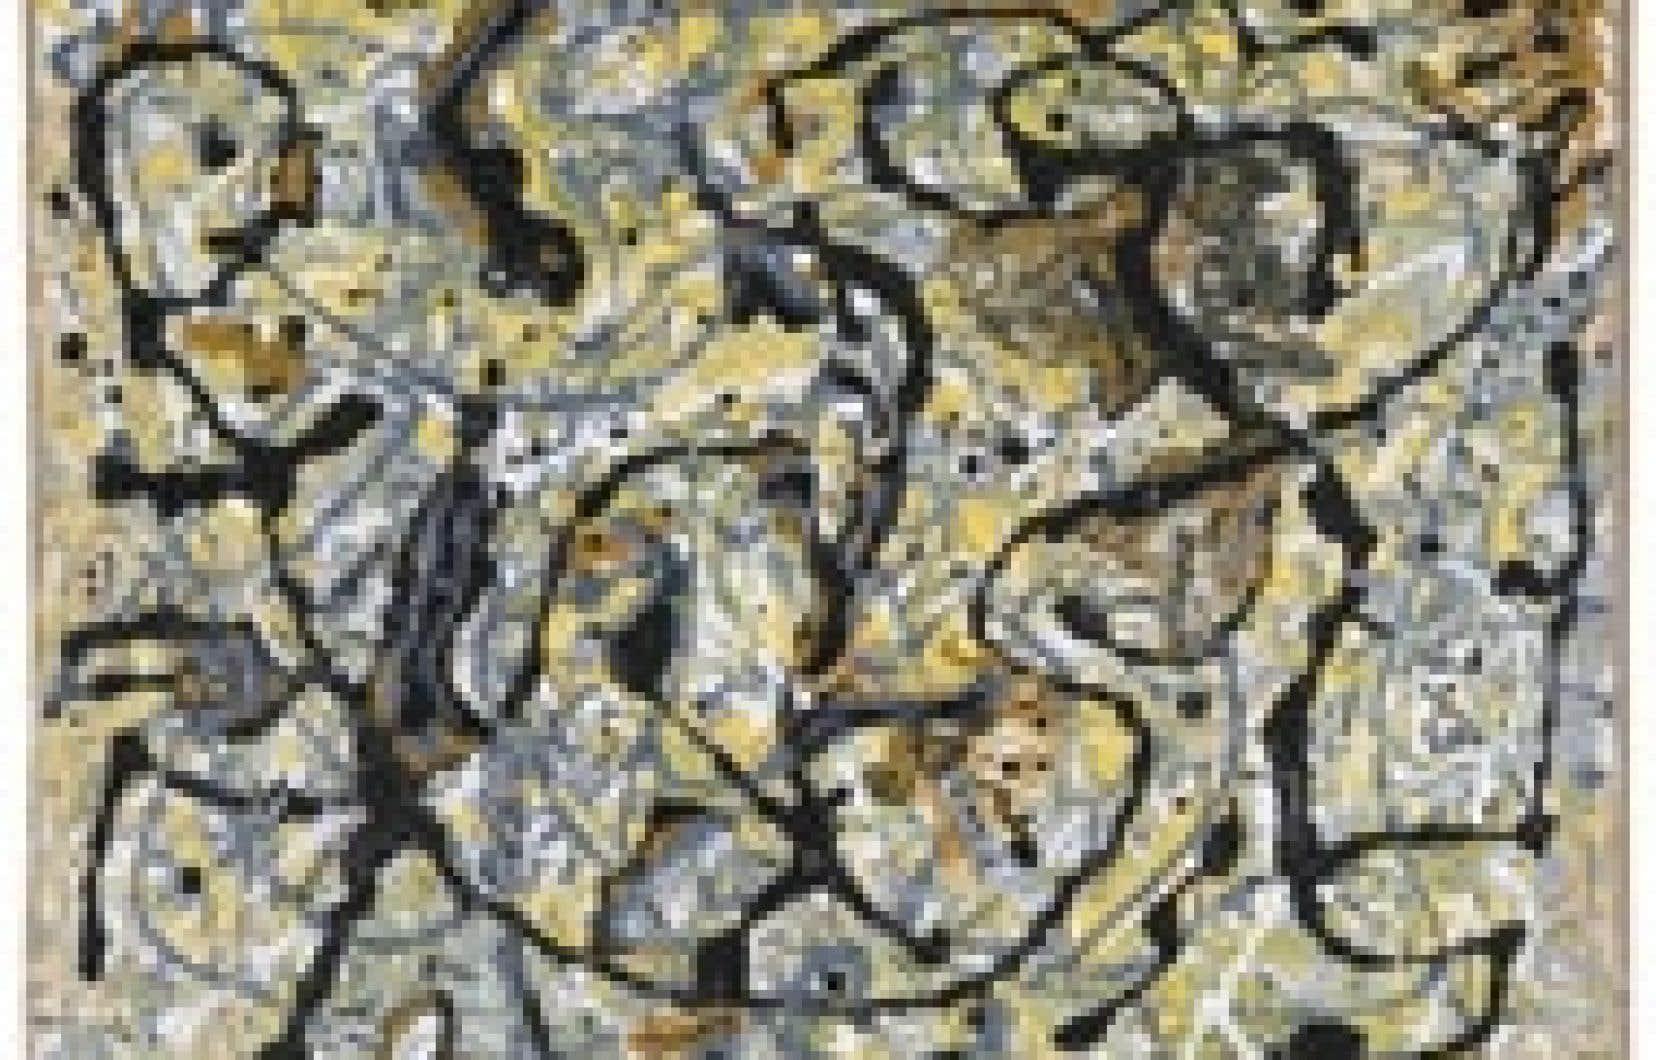 Une analyse mathématique a montré que derrière le chaos apparent des toiles de Jackson Pollock se cachent des structures similaires qui se répètent à l'infini.